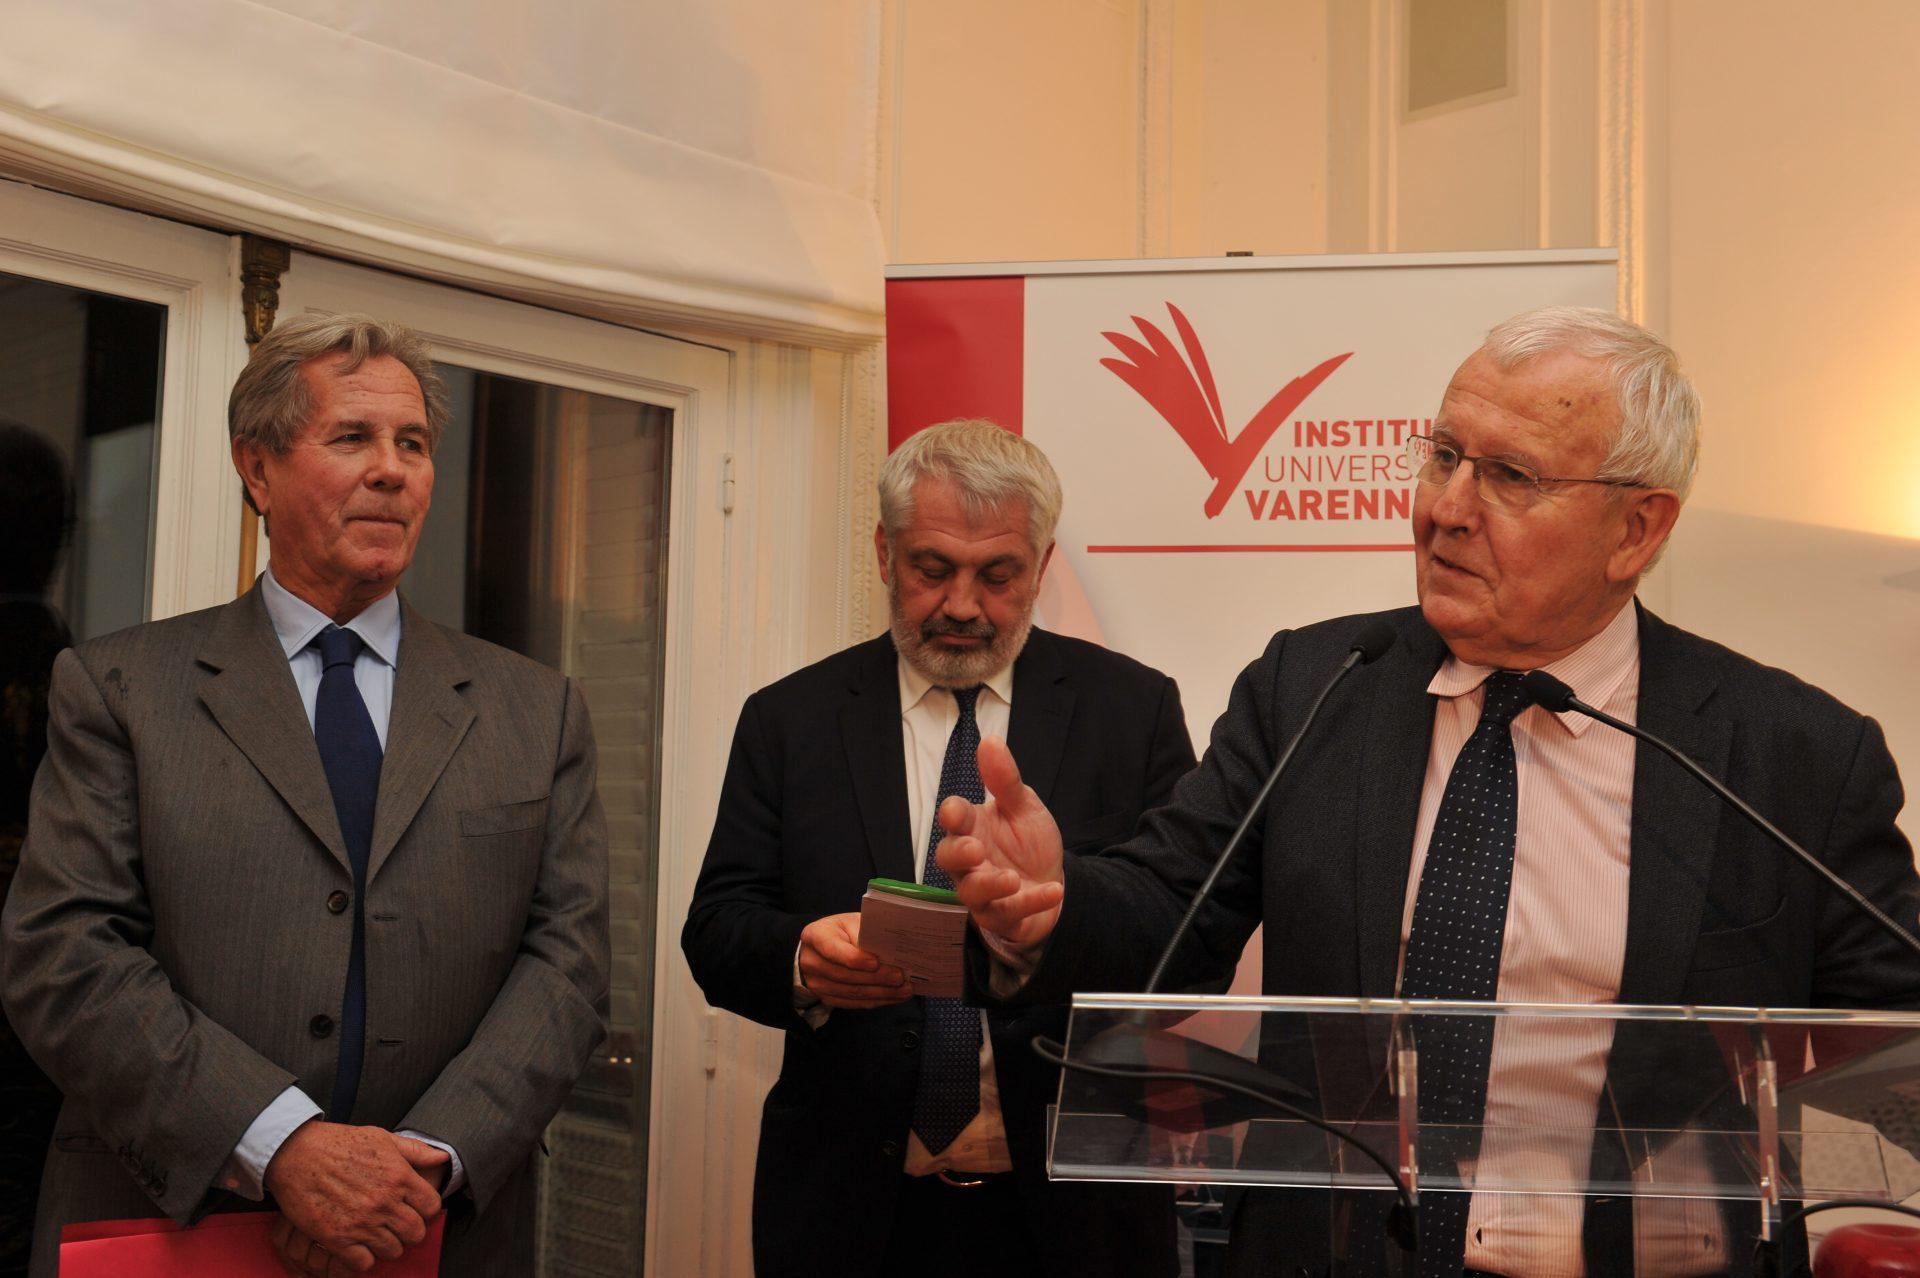 Discours de bienvenue de Monsieur Daniel Pouzadoux, Président de la Fondation Varenne